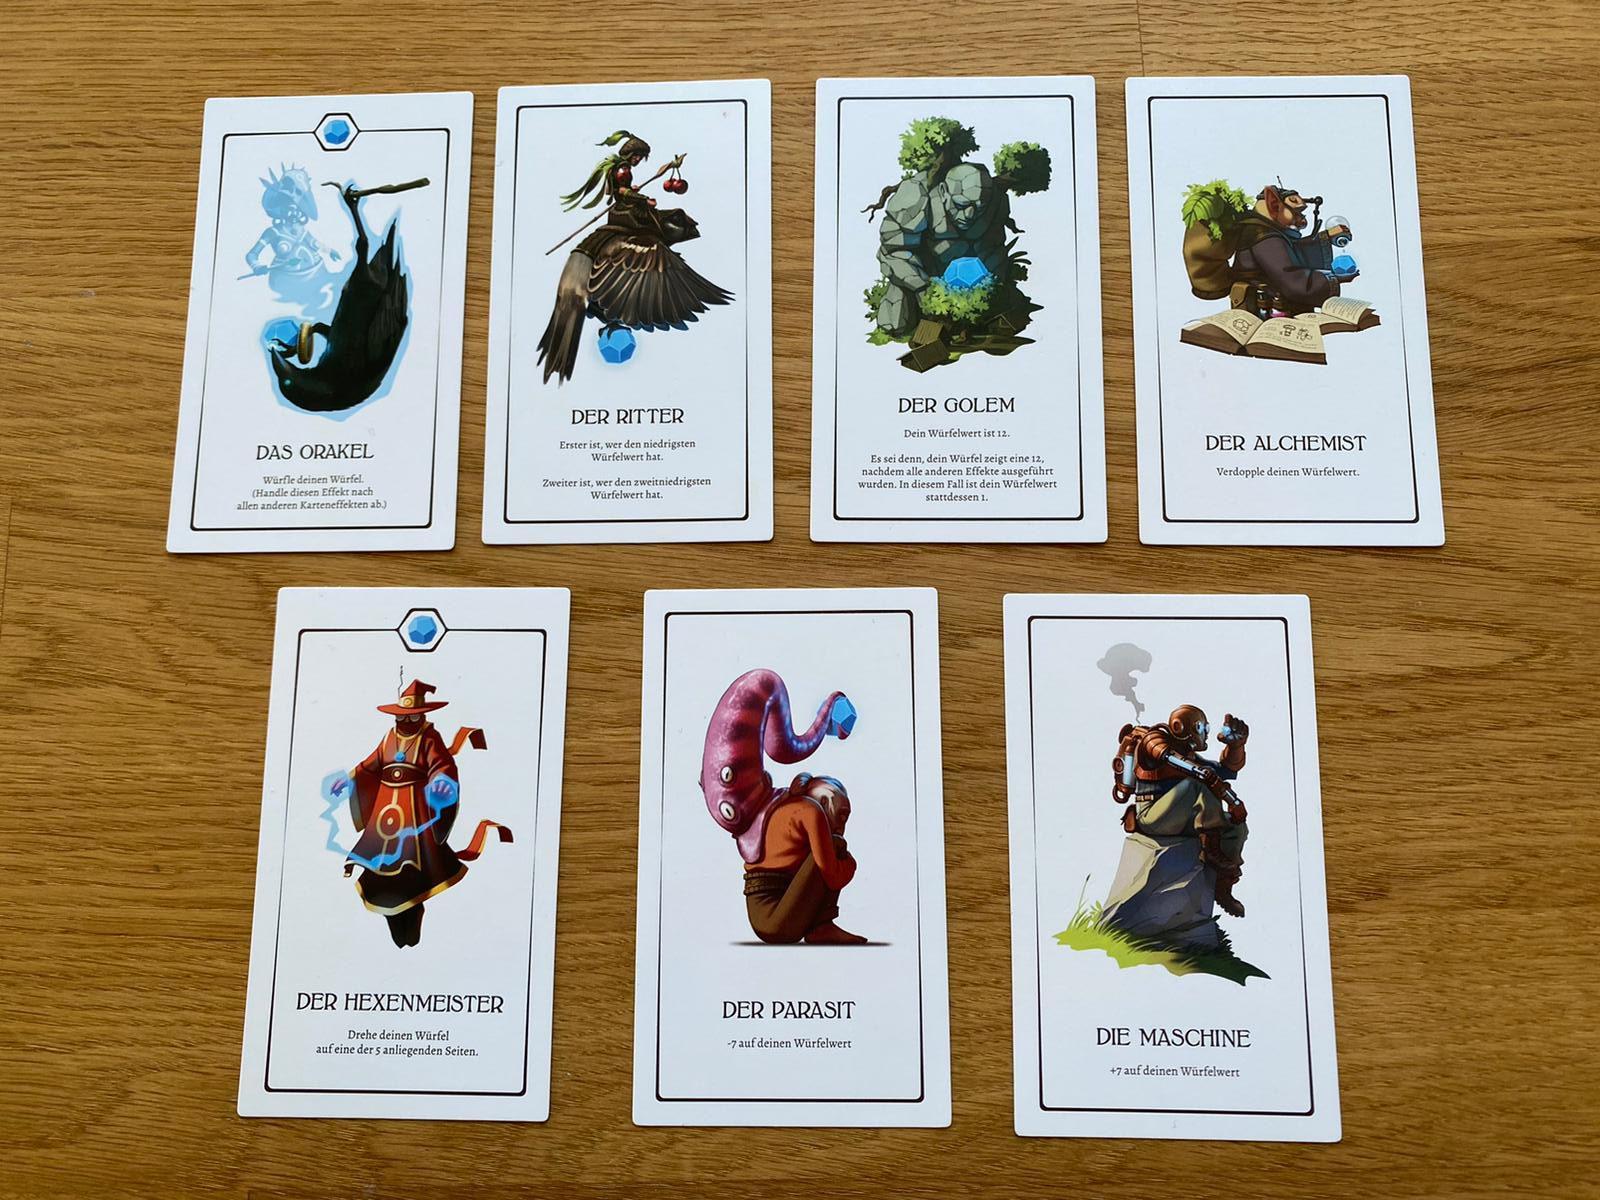 Zu sehen ist die empfohlene Startkartenhand aus 7 Karten